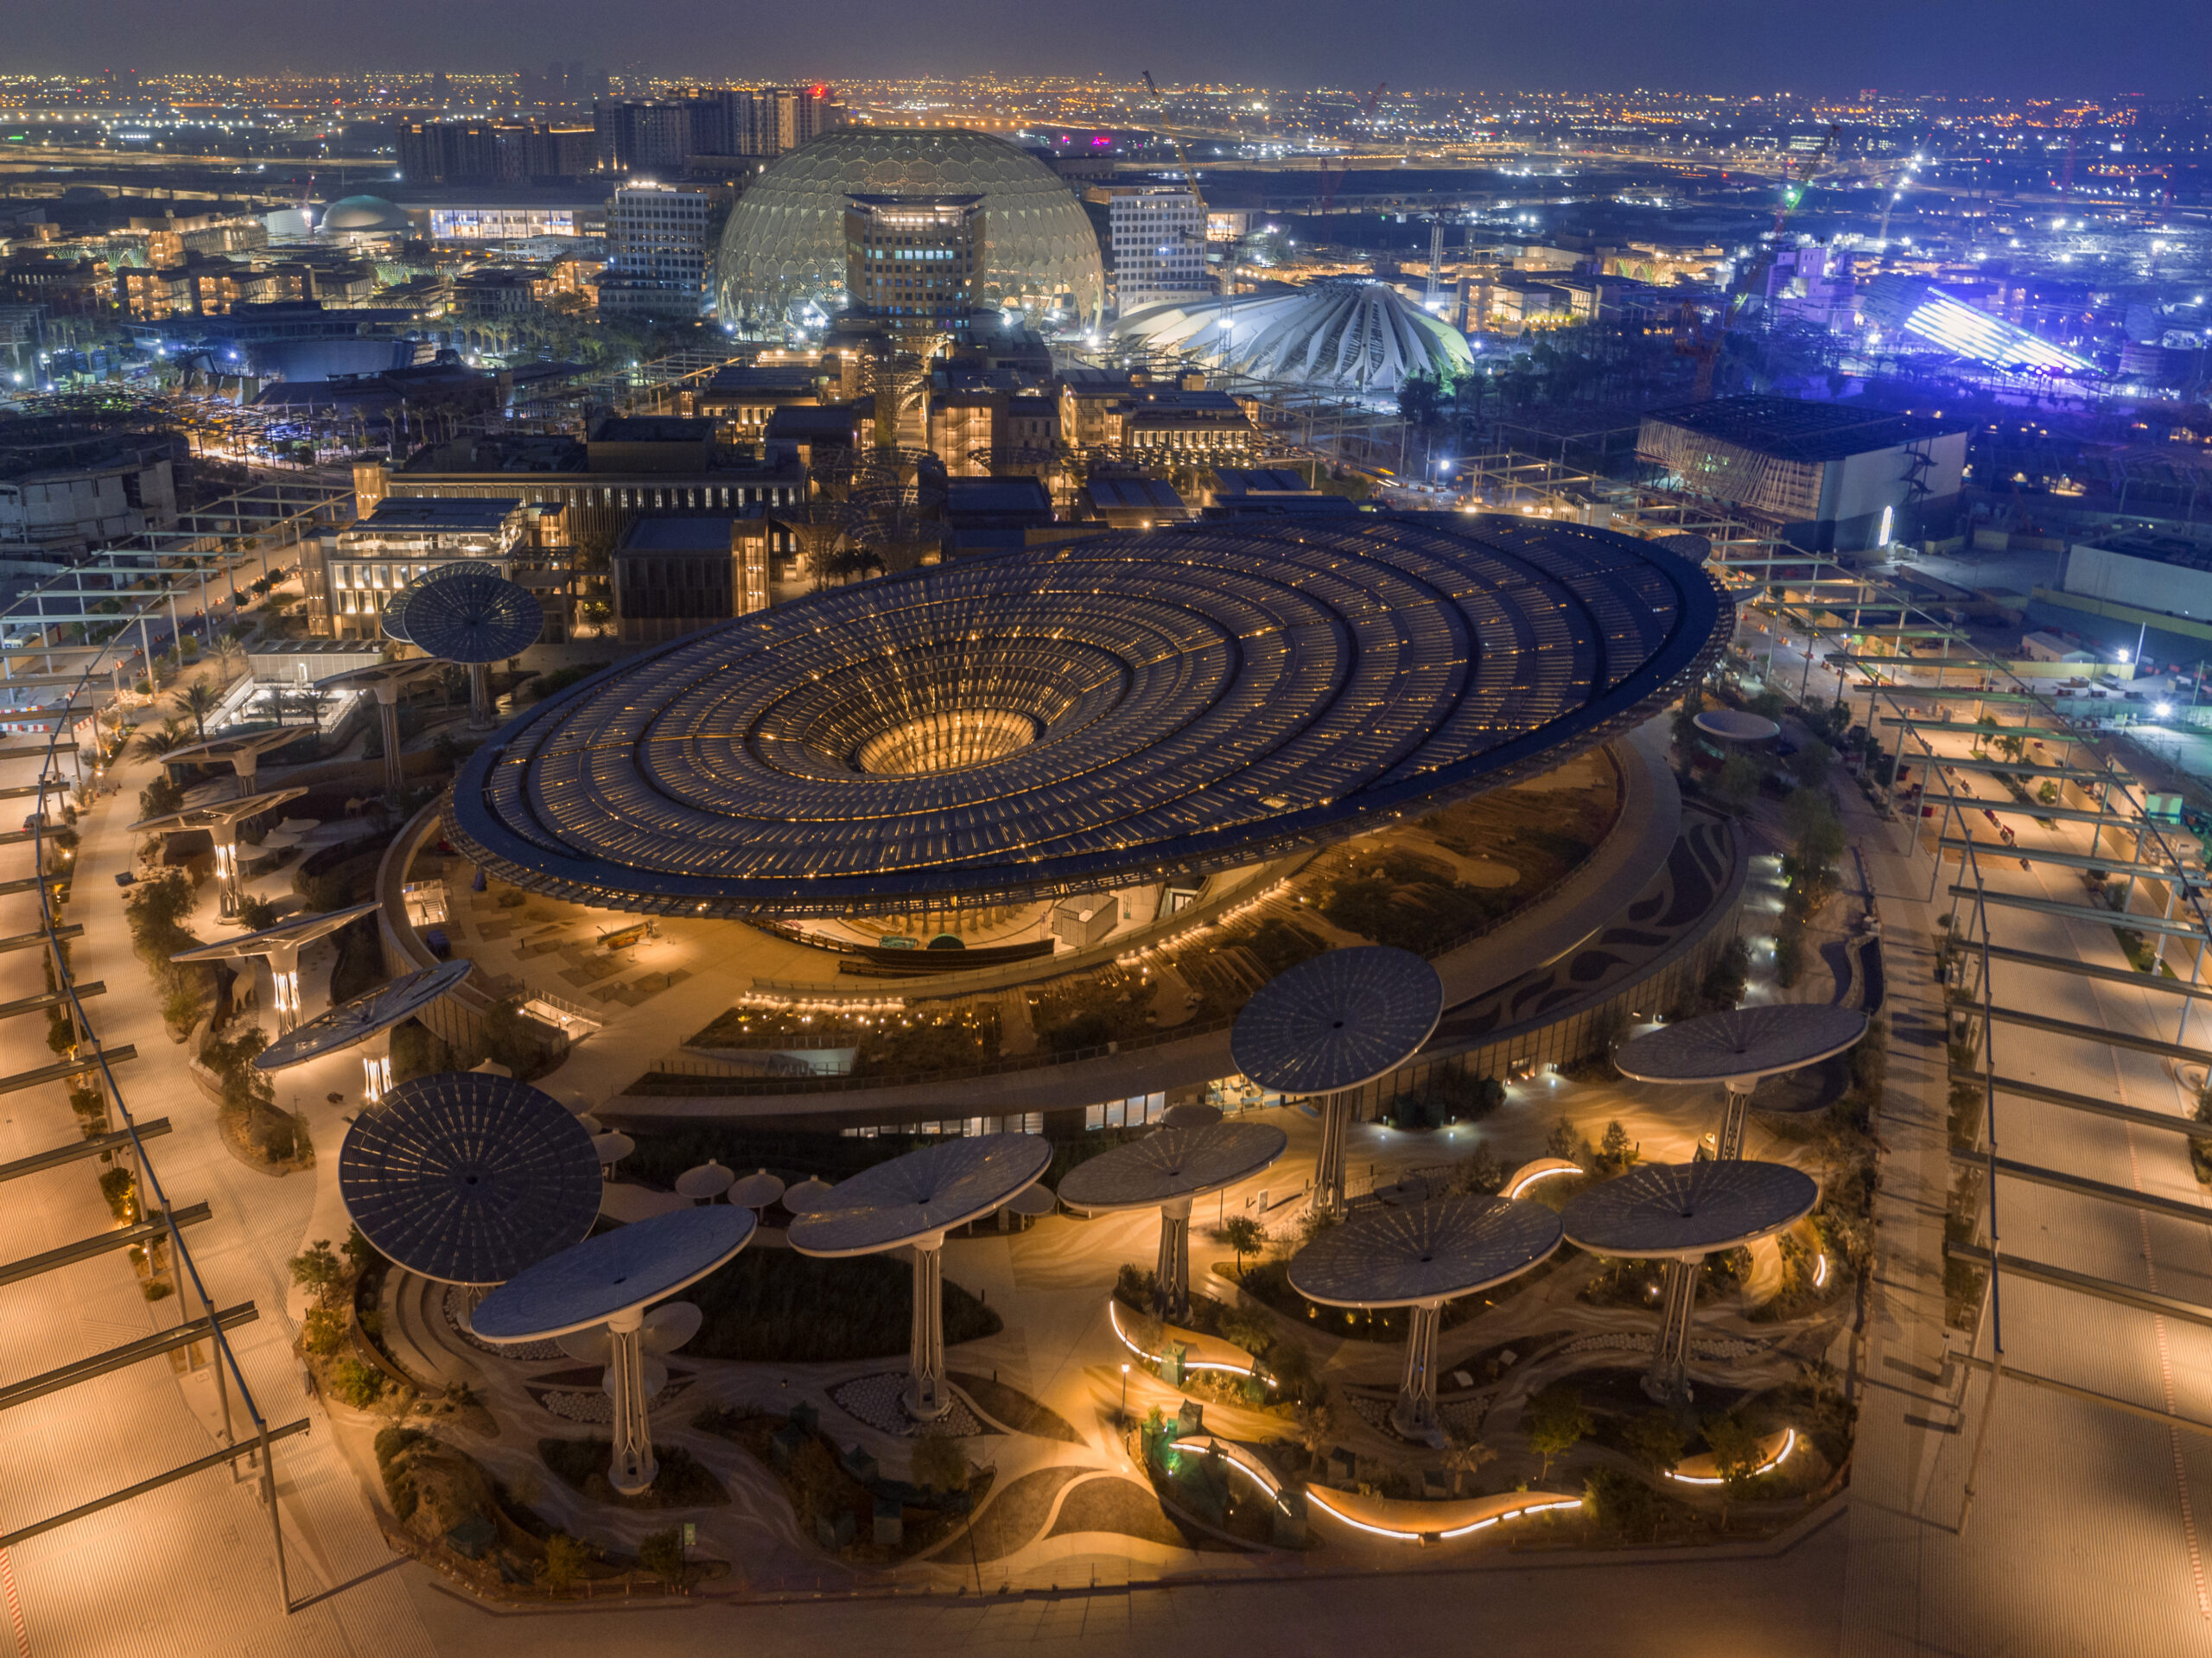 UNITED ARAB EMIRATES – EXPO 2020